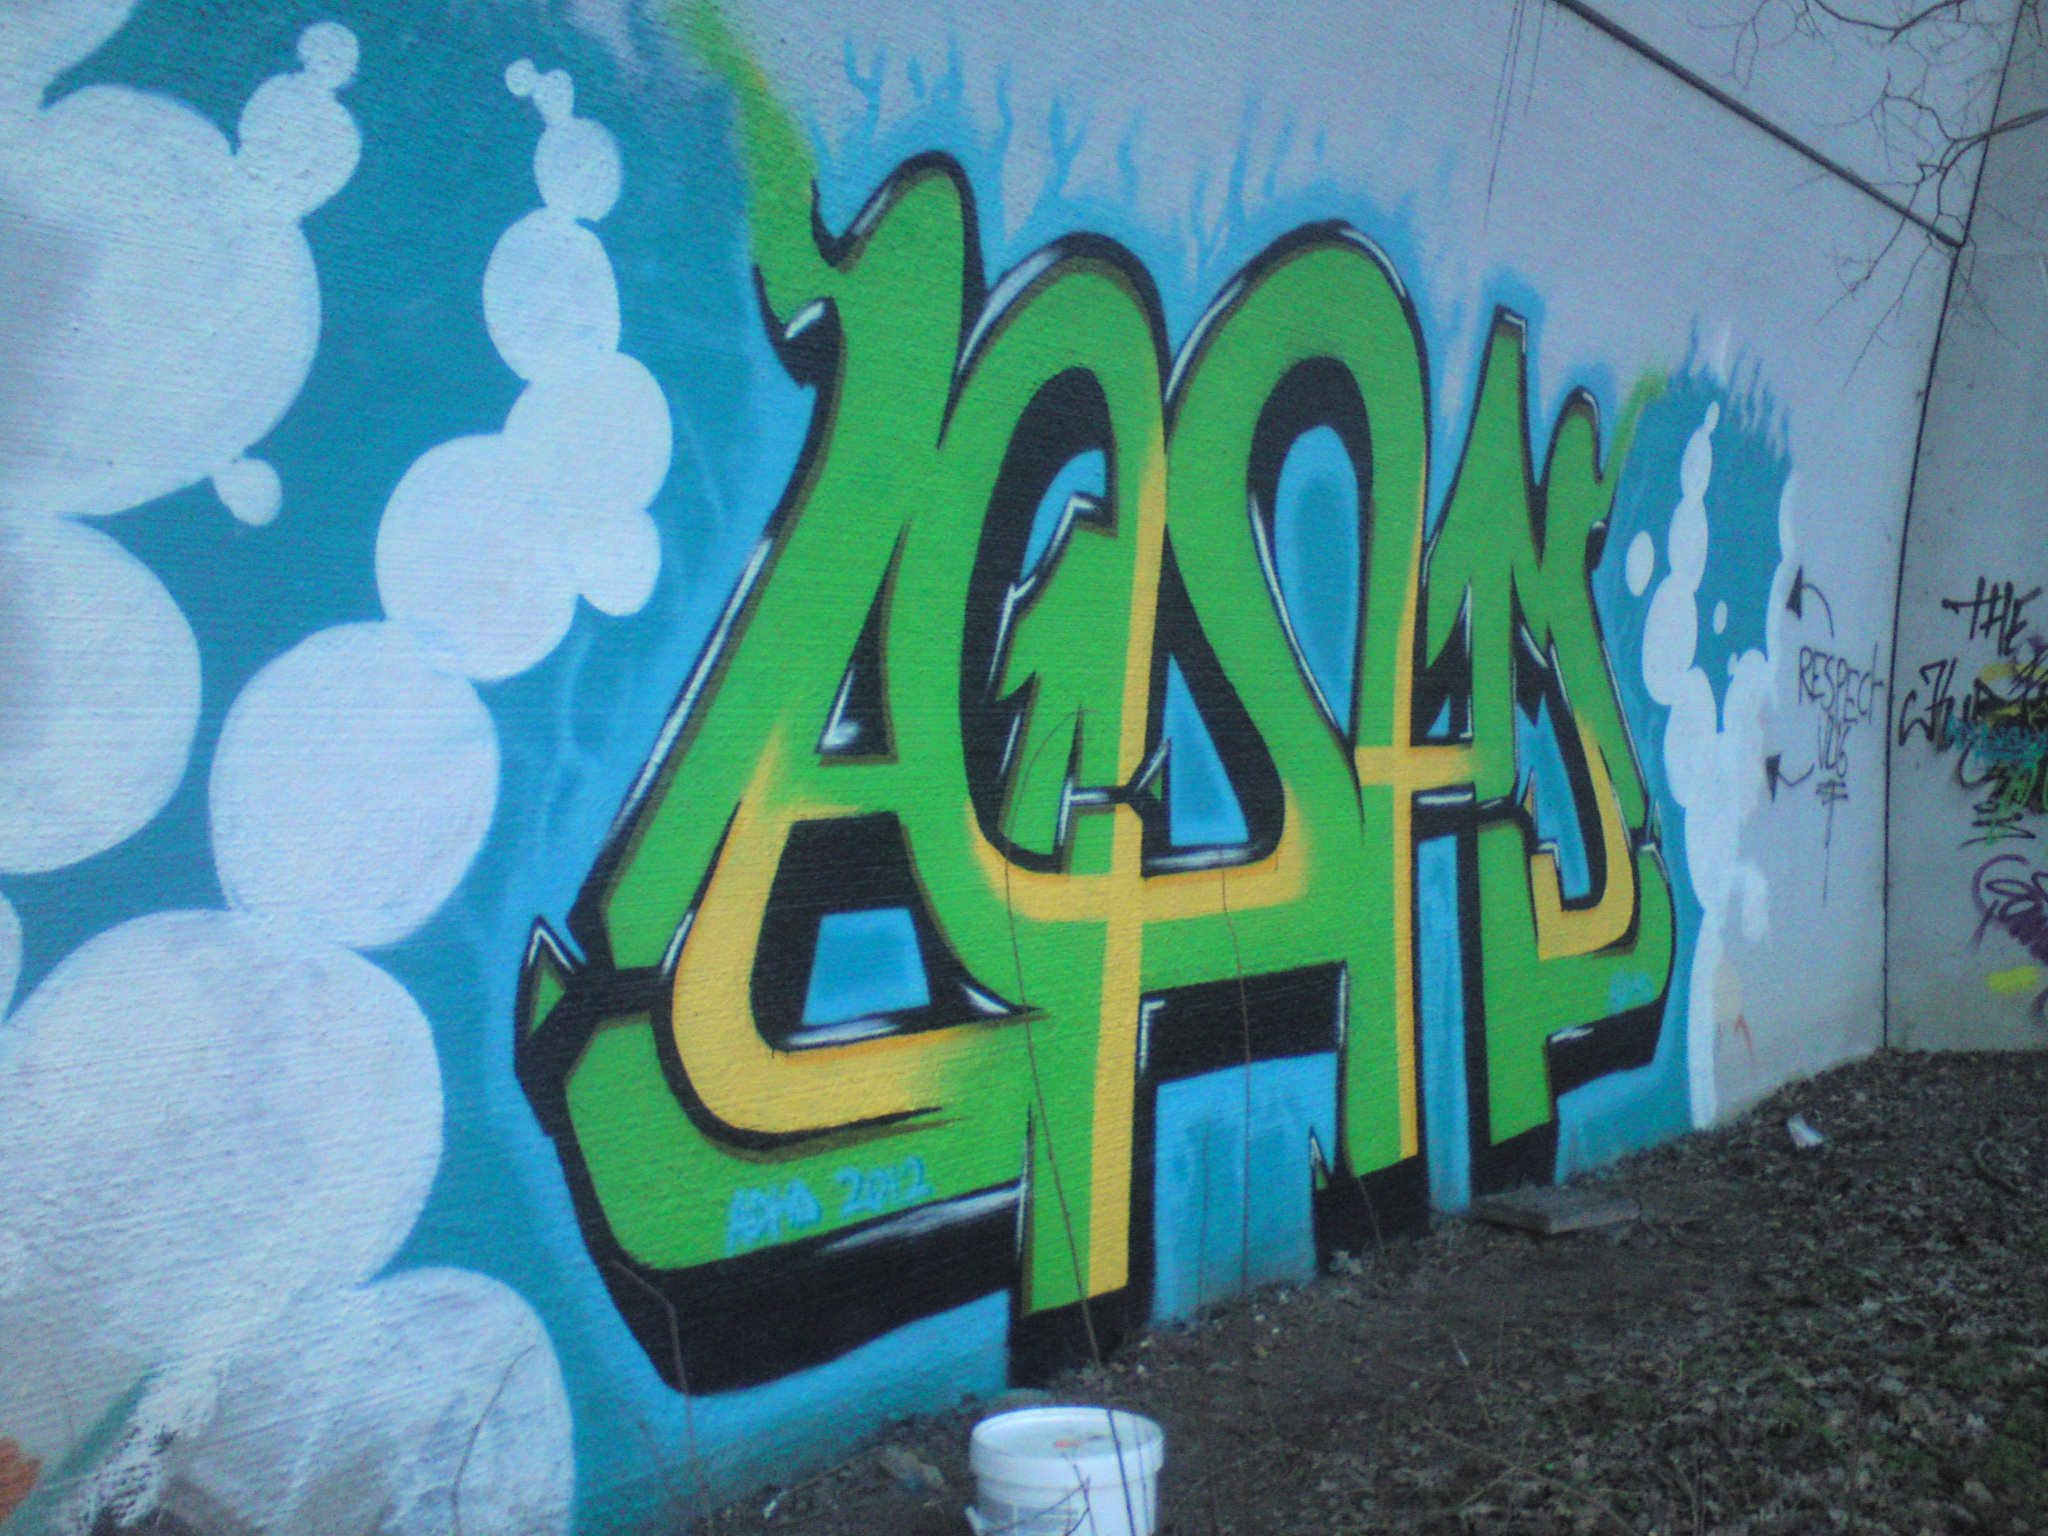 Kunstwerk gemaakt door Jeej getiteld ADHD, 2012